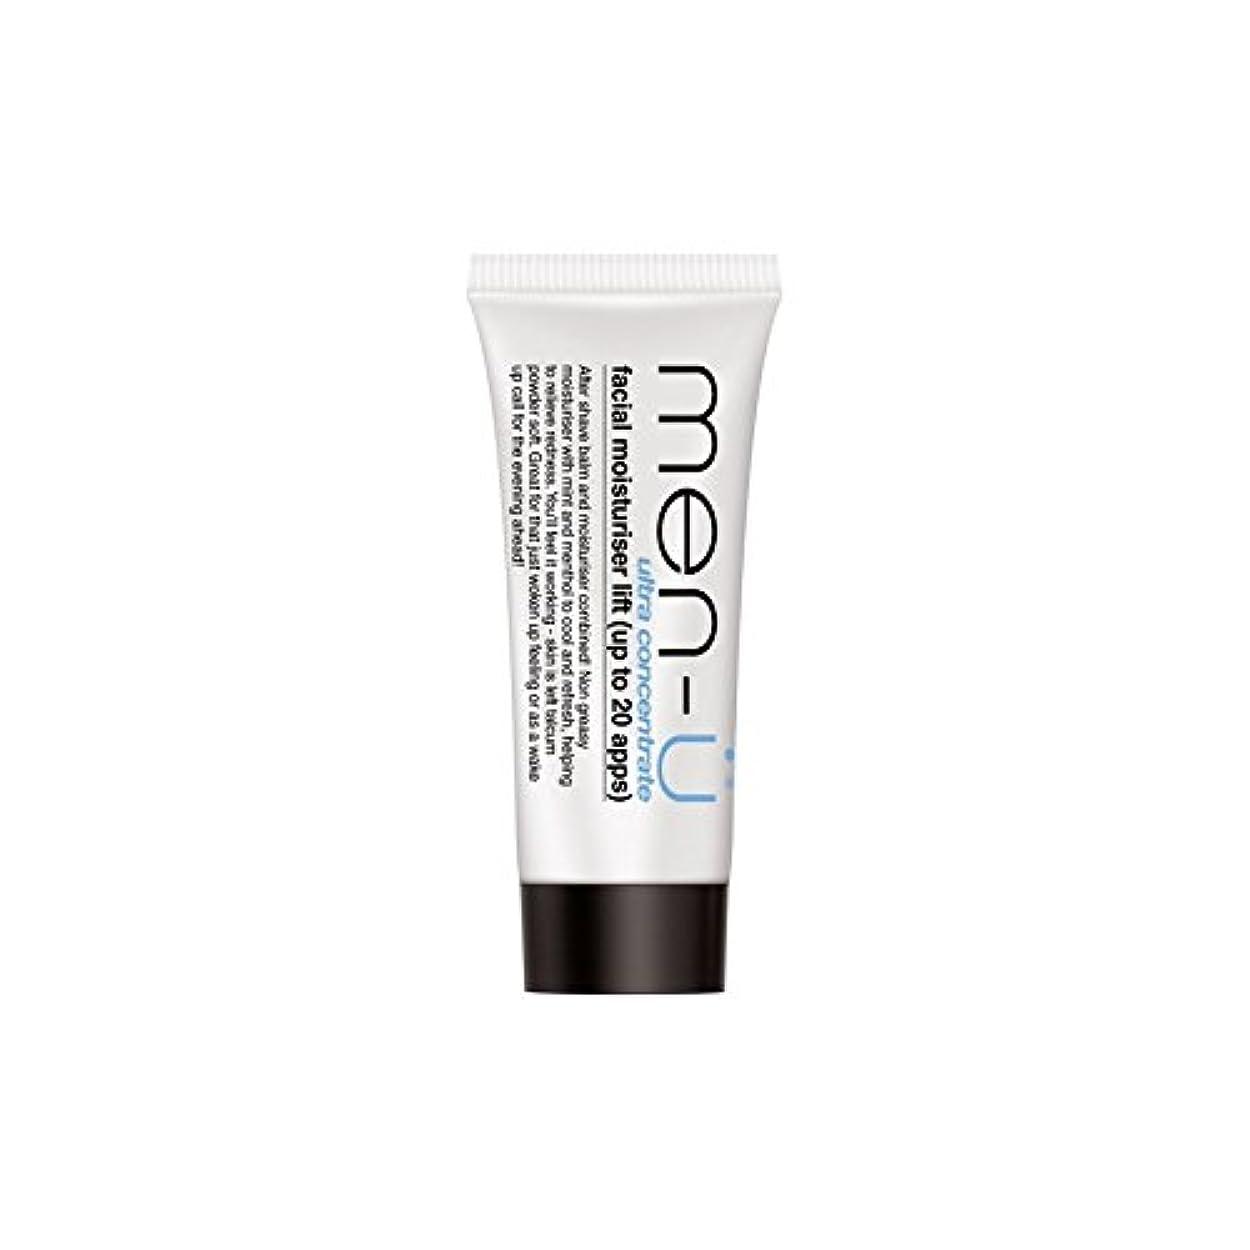 爆弾ピース良心男性-のバディ顔の保湿剤のリフトチューブ(15ミリリットル) x2 - Men-? Buddy Facial Moisturiser Lift Tube (15ml) (Pack of 2) [並行輸入品]